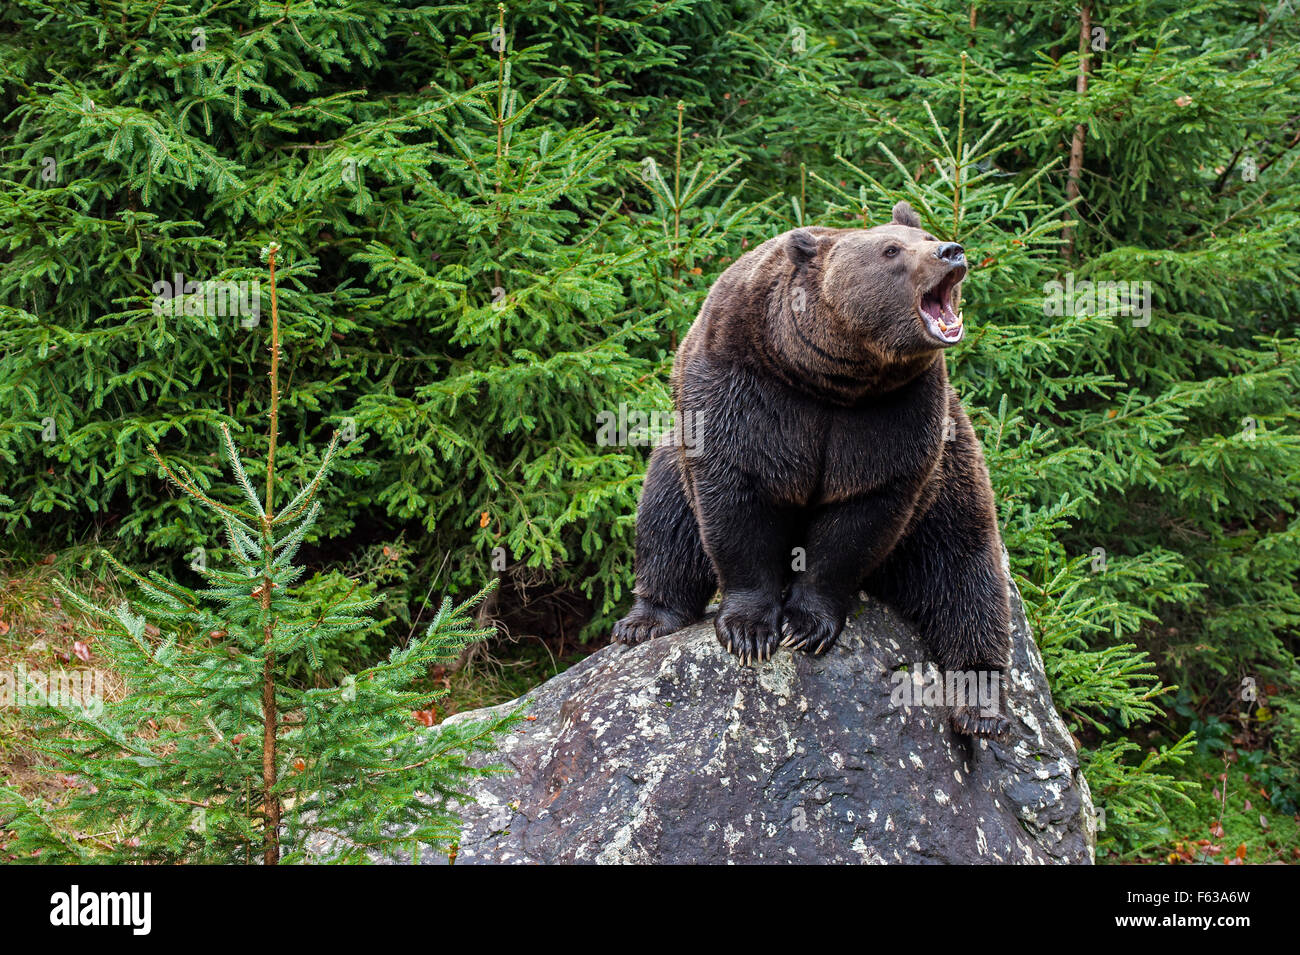 Eurasian brown bear (Ursus arctos arctos) on rock growling in coniferous woodland - Stock Image